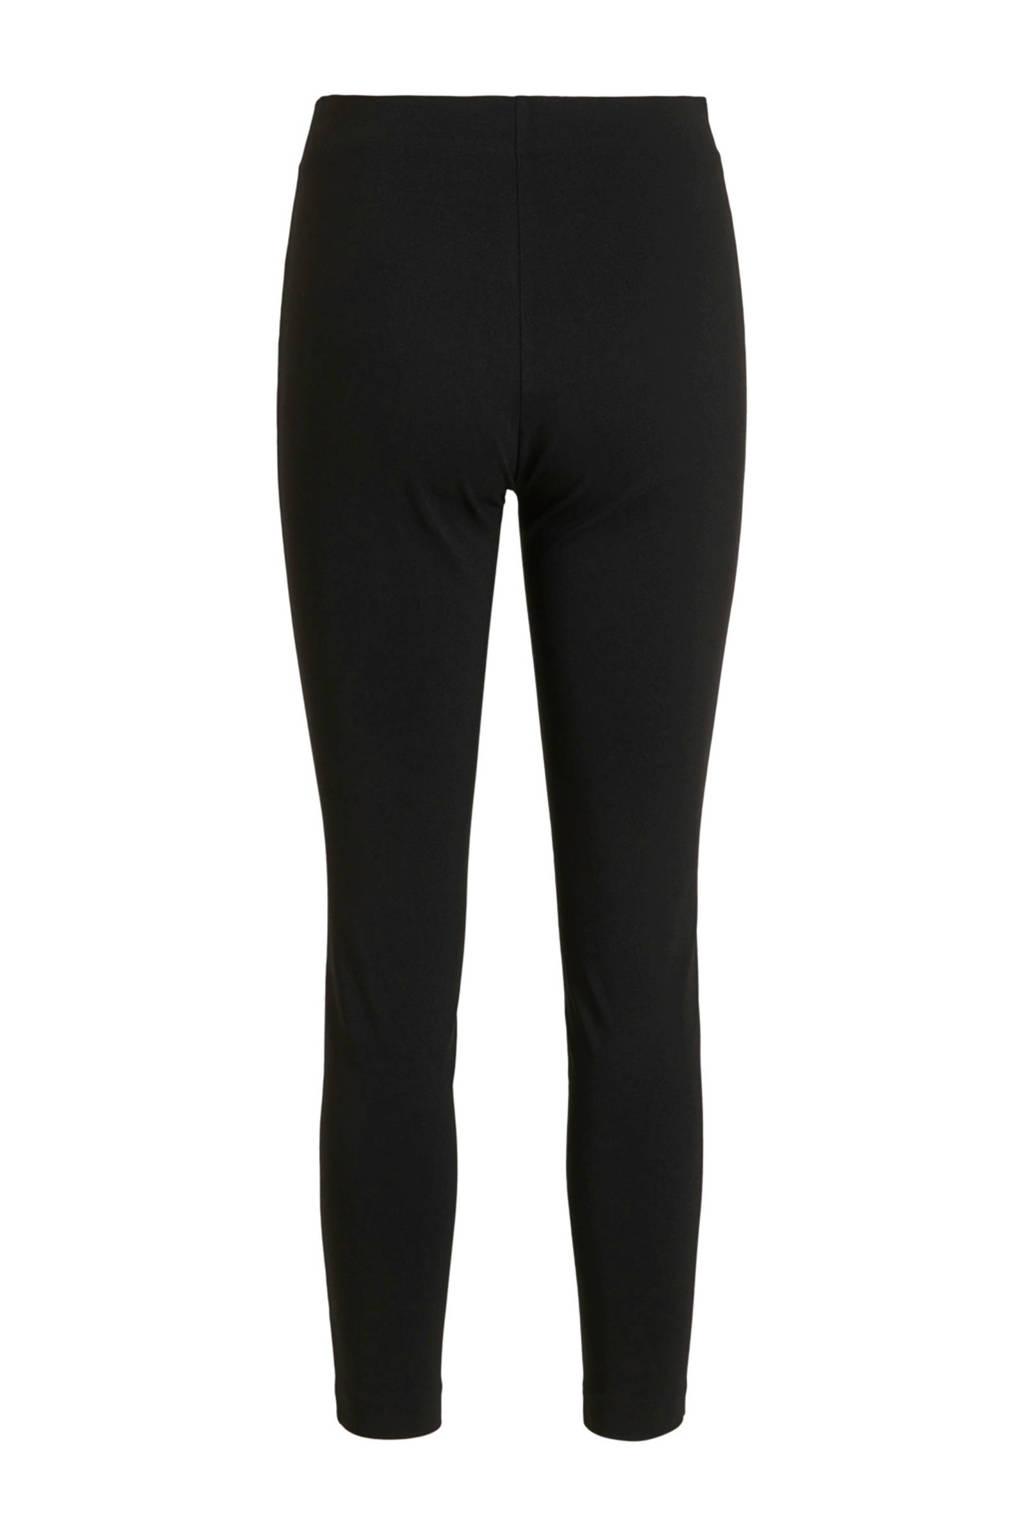 VILA 7/8 legging zwart, Zwart